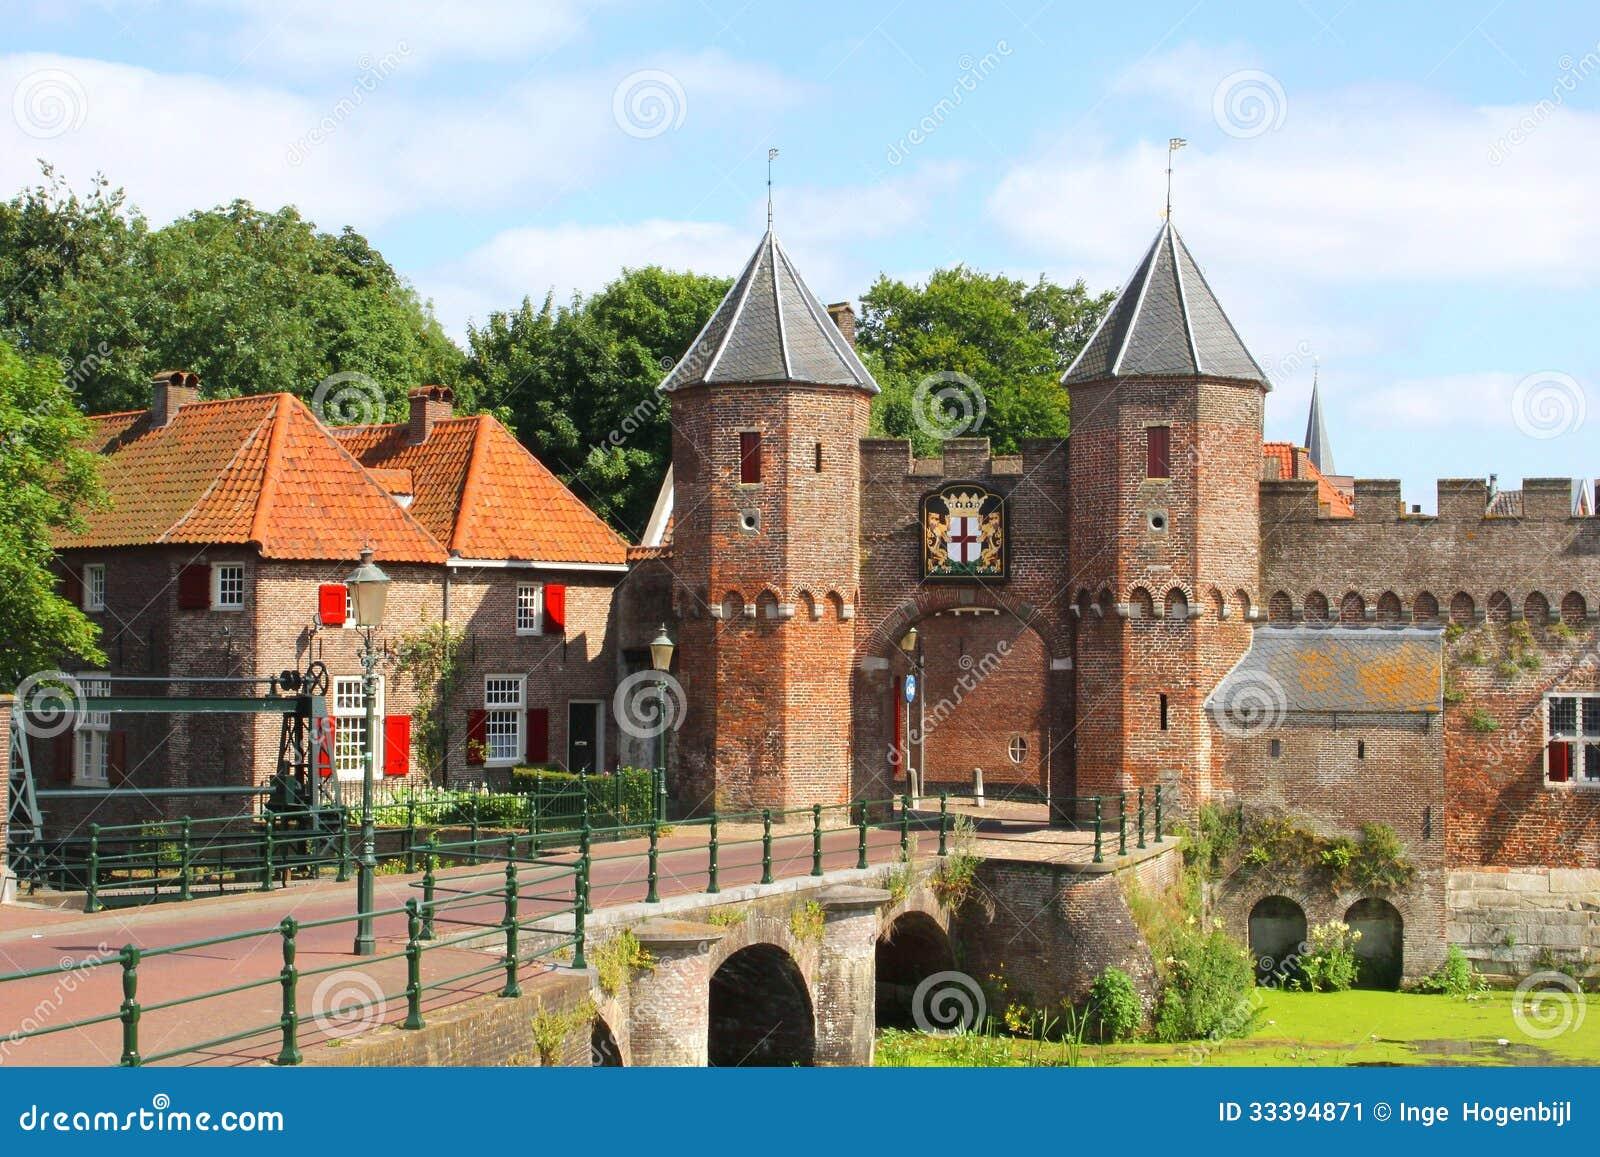 middeleeuwse stadsmuur langs de eem rivier in amersfoort